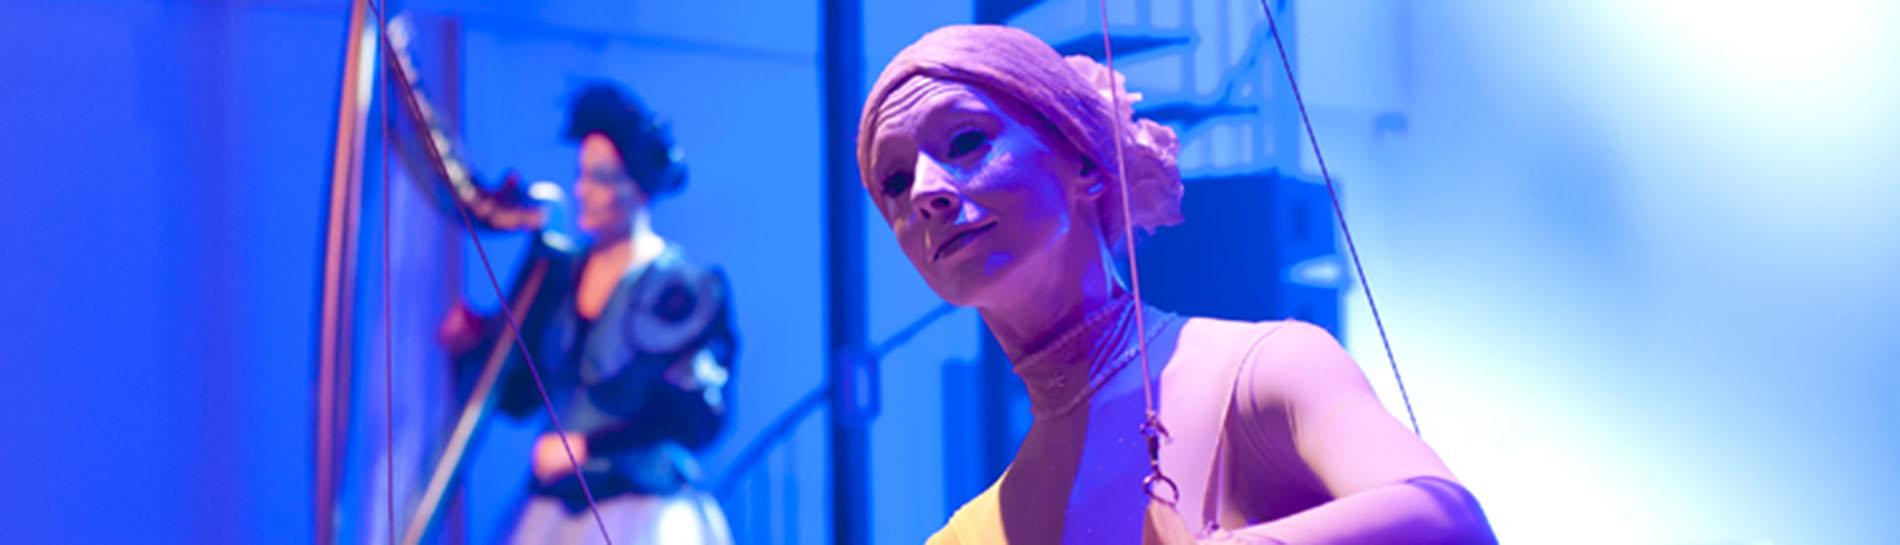 Circus act boeken De Ballerina gigworld HEADER 1